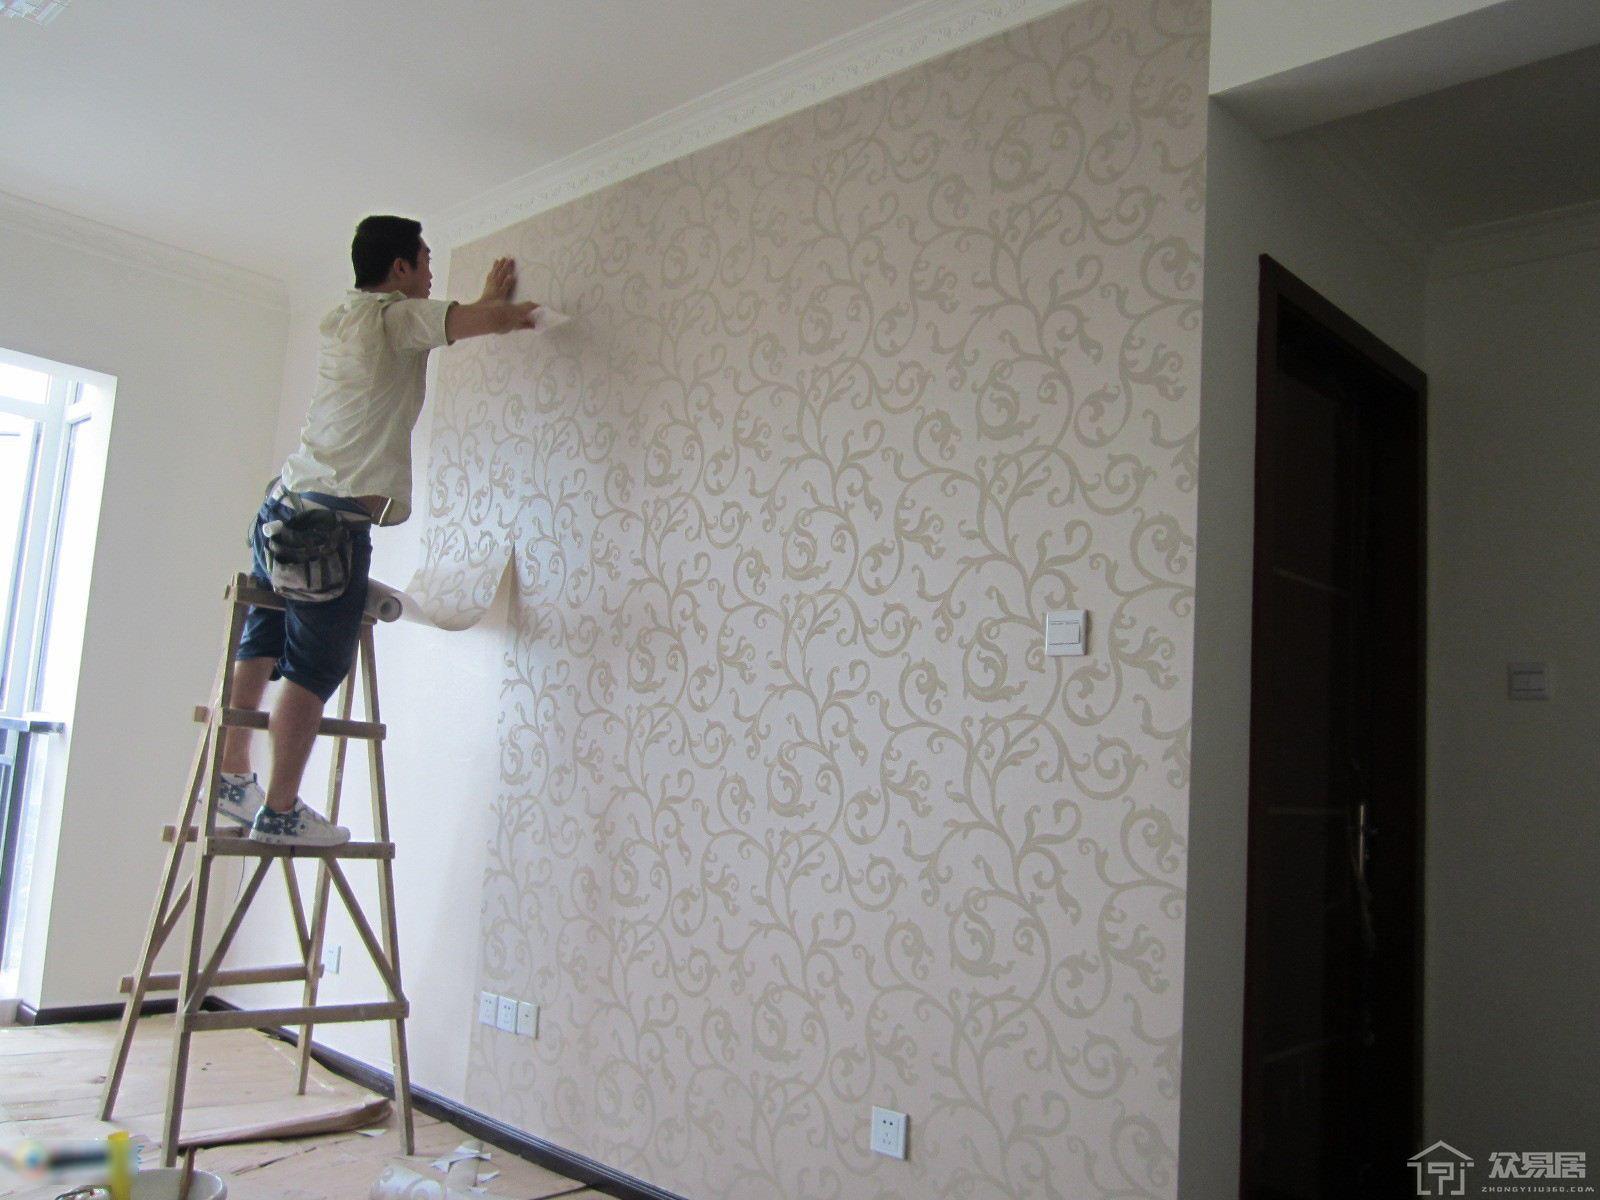 自己贴墙纸怎么操作?贴墙纸的步骤说明